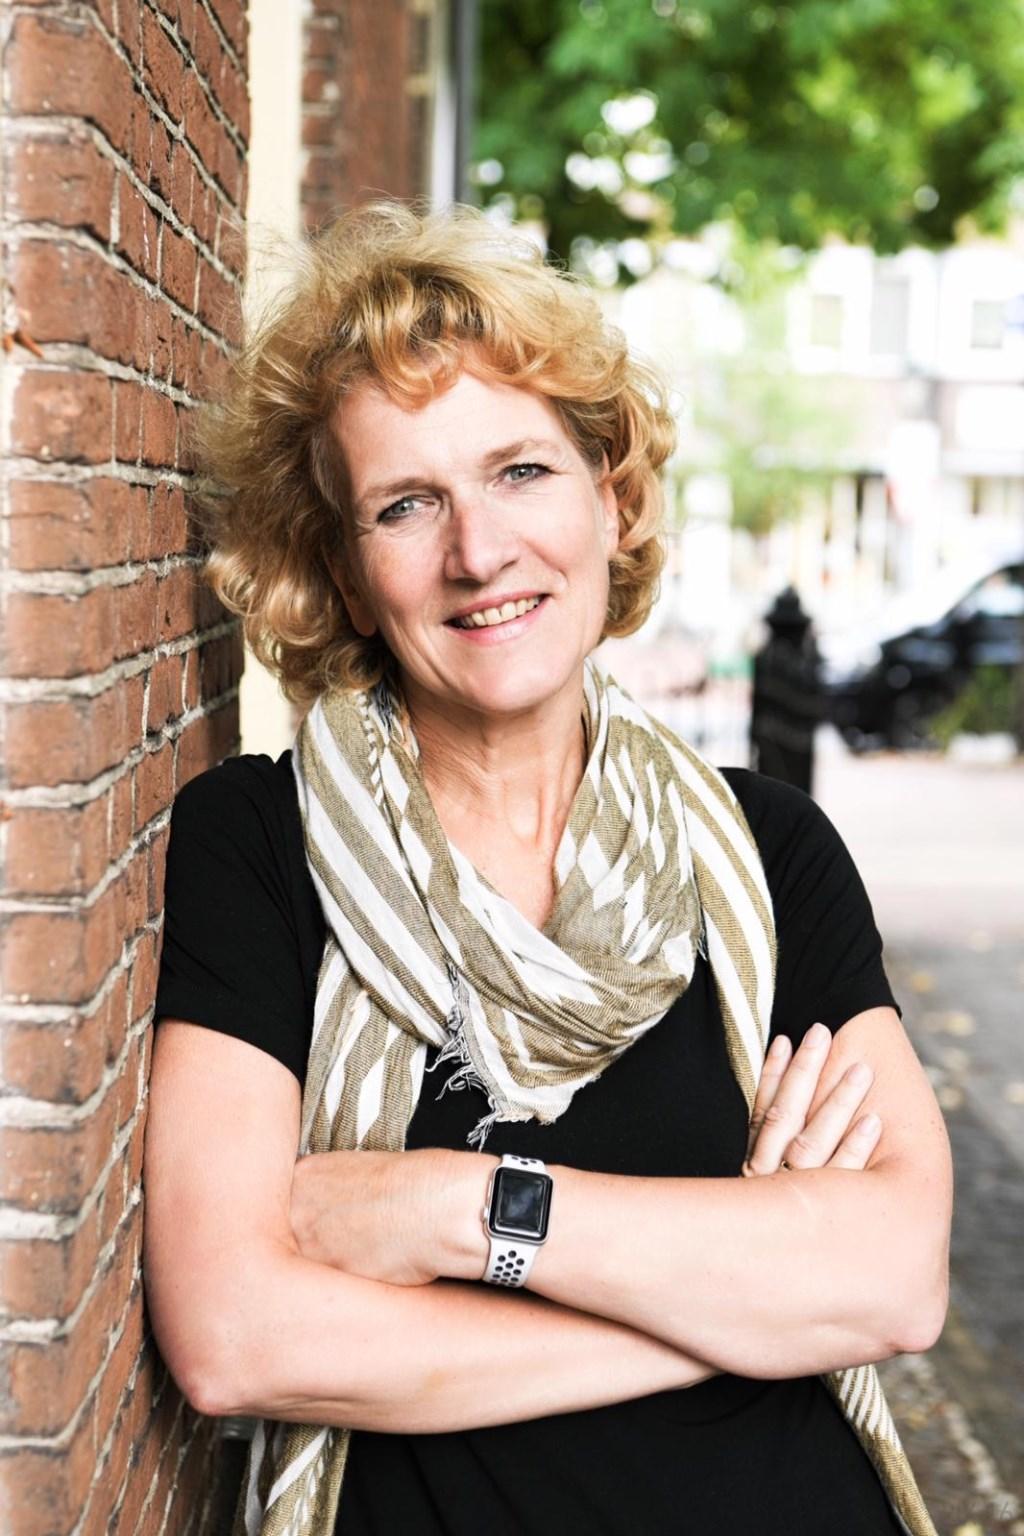 Petra Niehaus uit Eemnes ziet haar moeder genieten.  © Enter Media